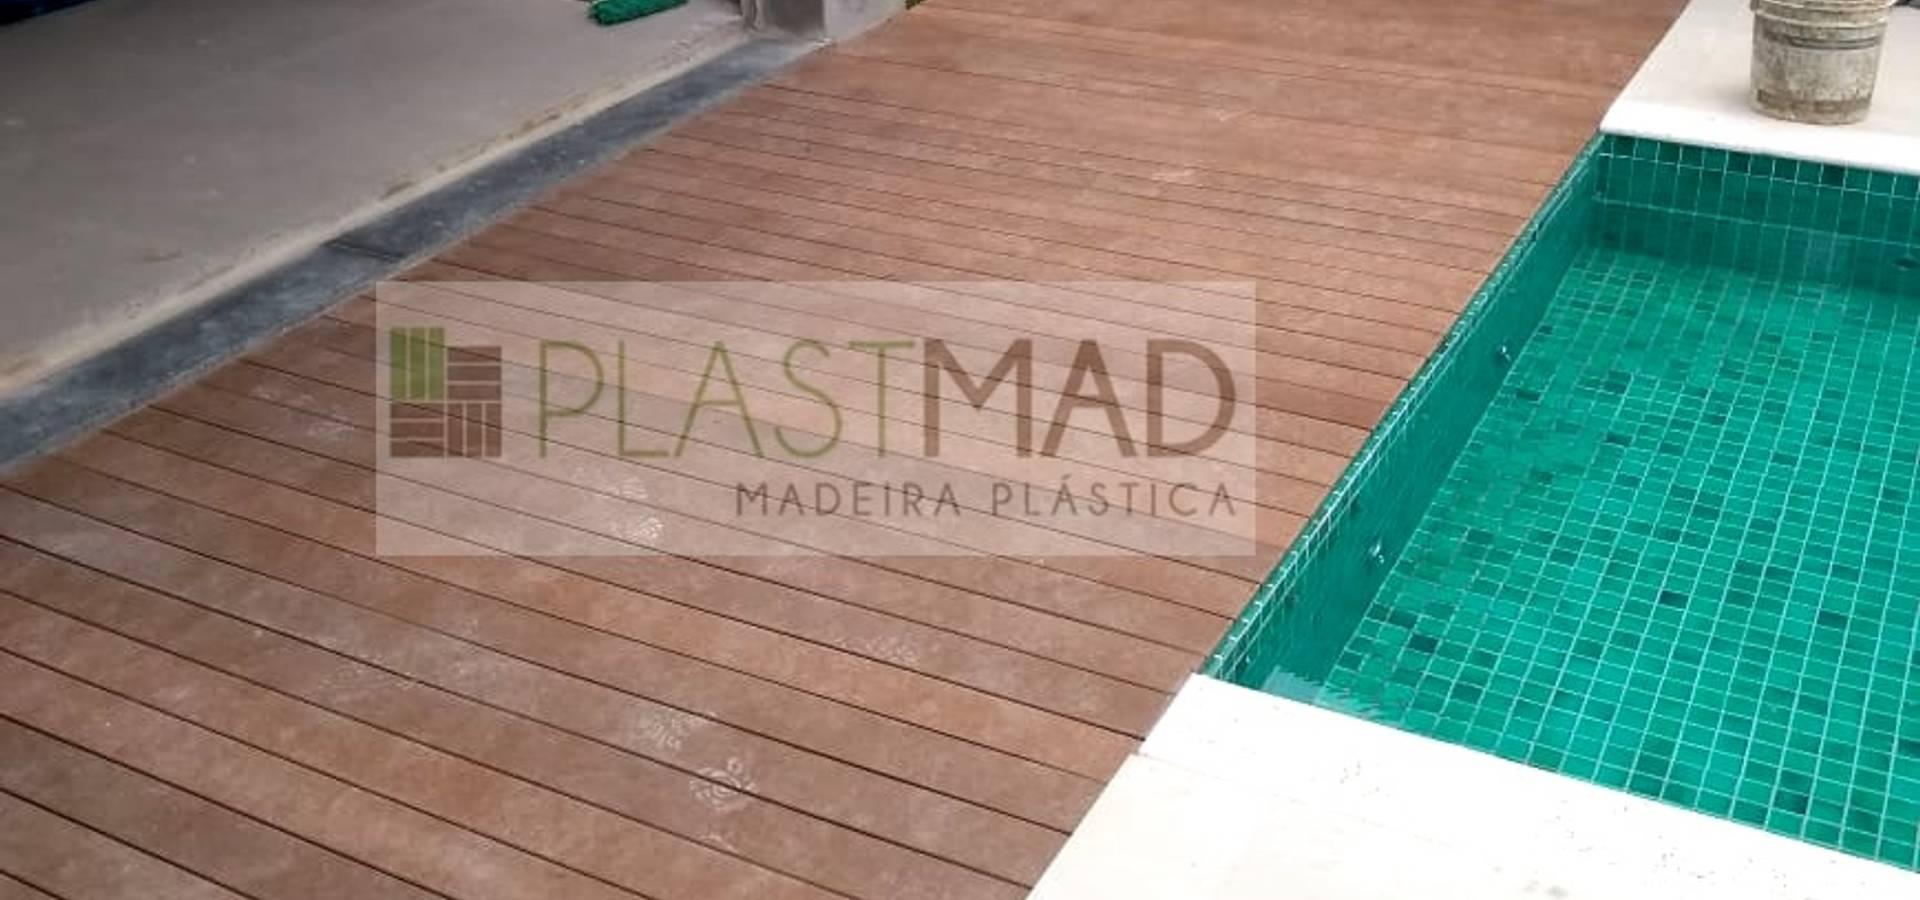 Plastmad – Madeira Plástica